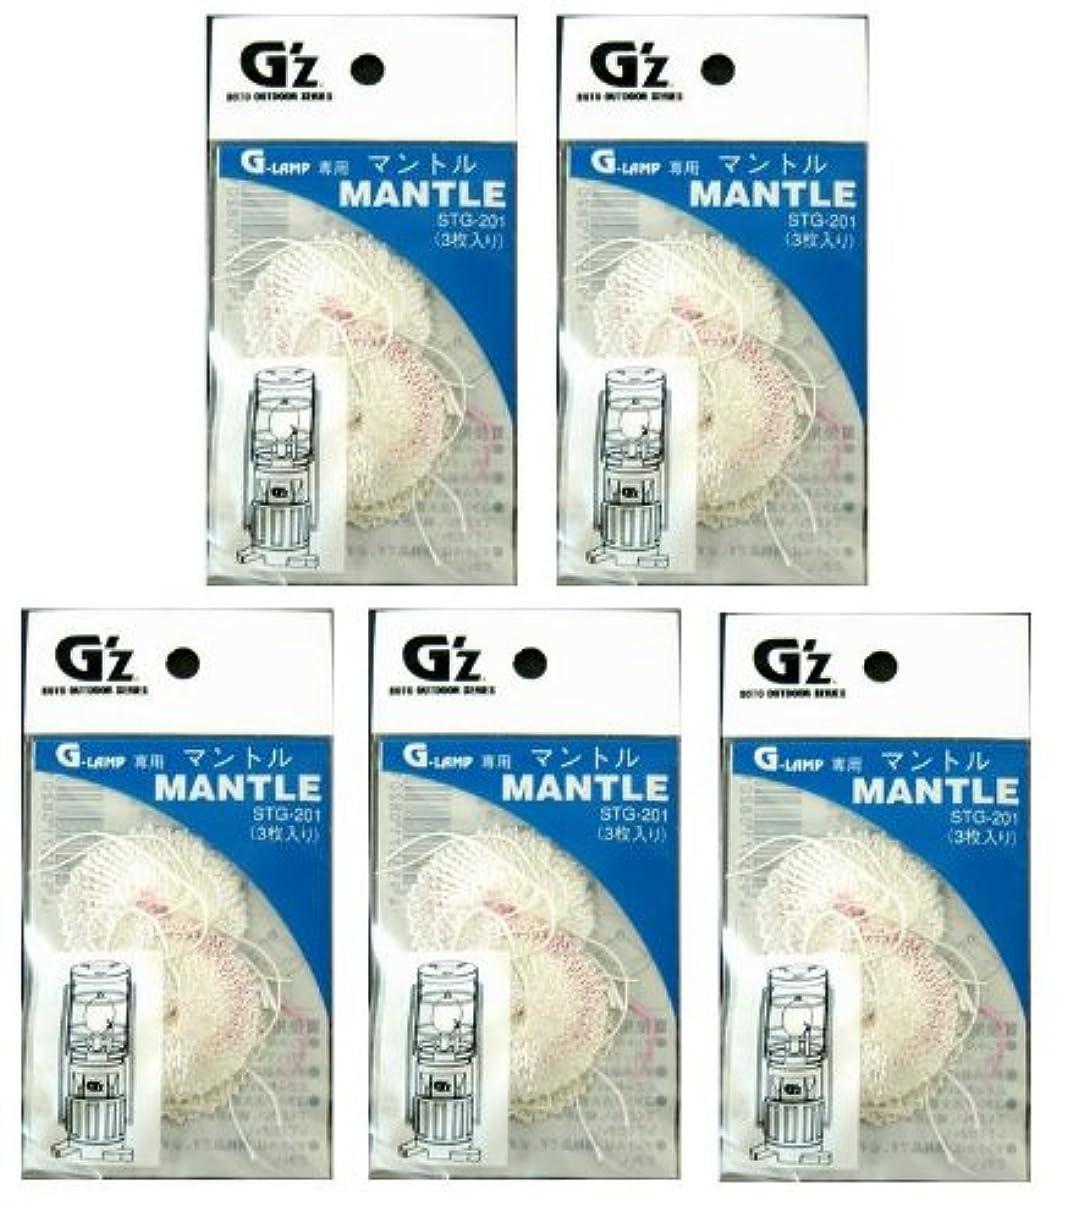 摩擦肘掛け椅子恐怖SOTO G'z Gランプ専用マントルSTG-201 徳用5パックセット